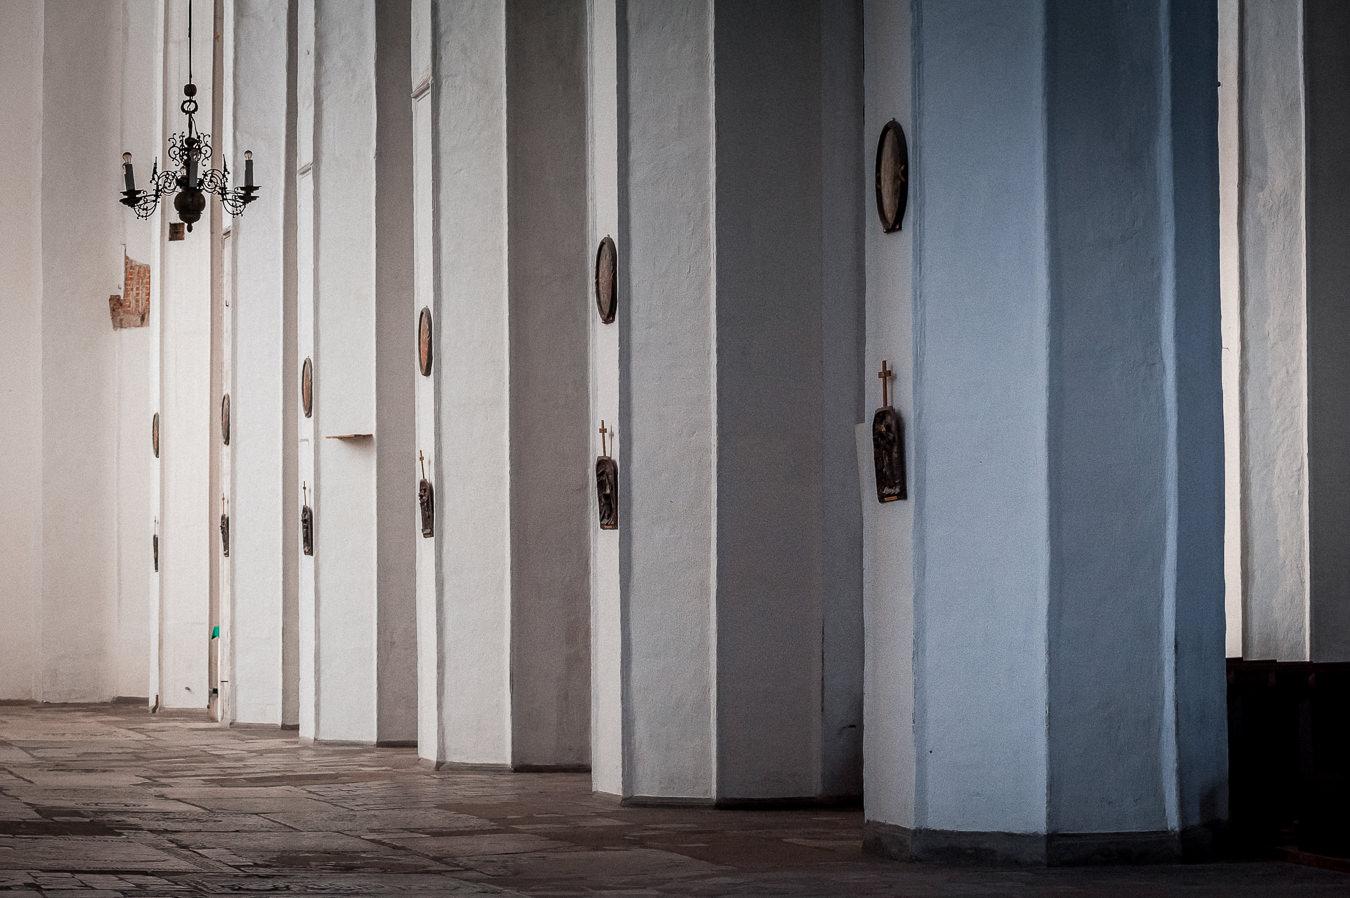 Rząd filarów w nawie głównej w kościele mariackim w Gdańsku